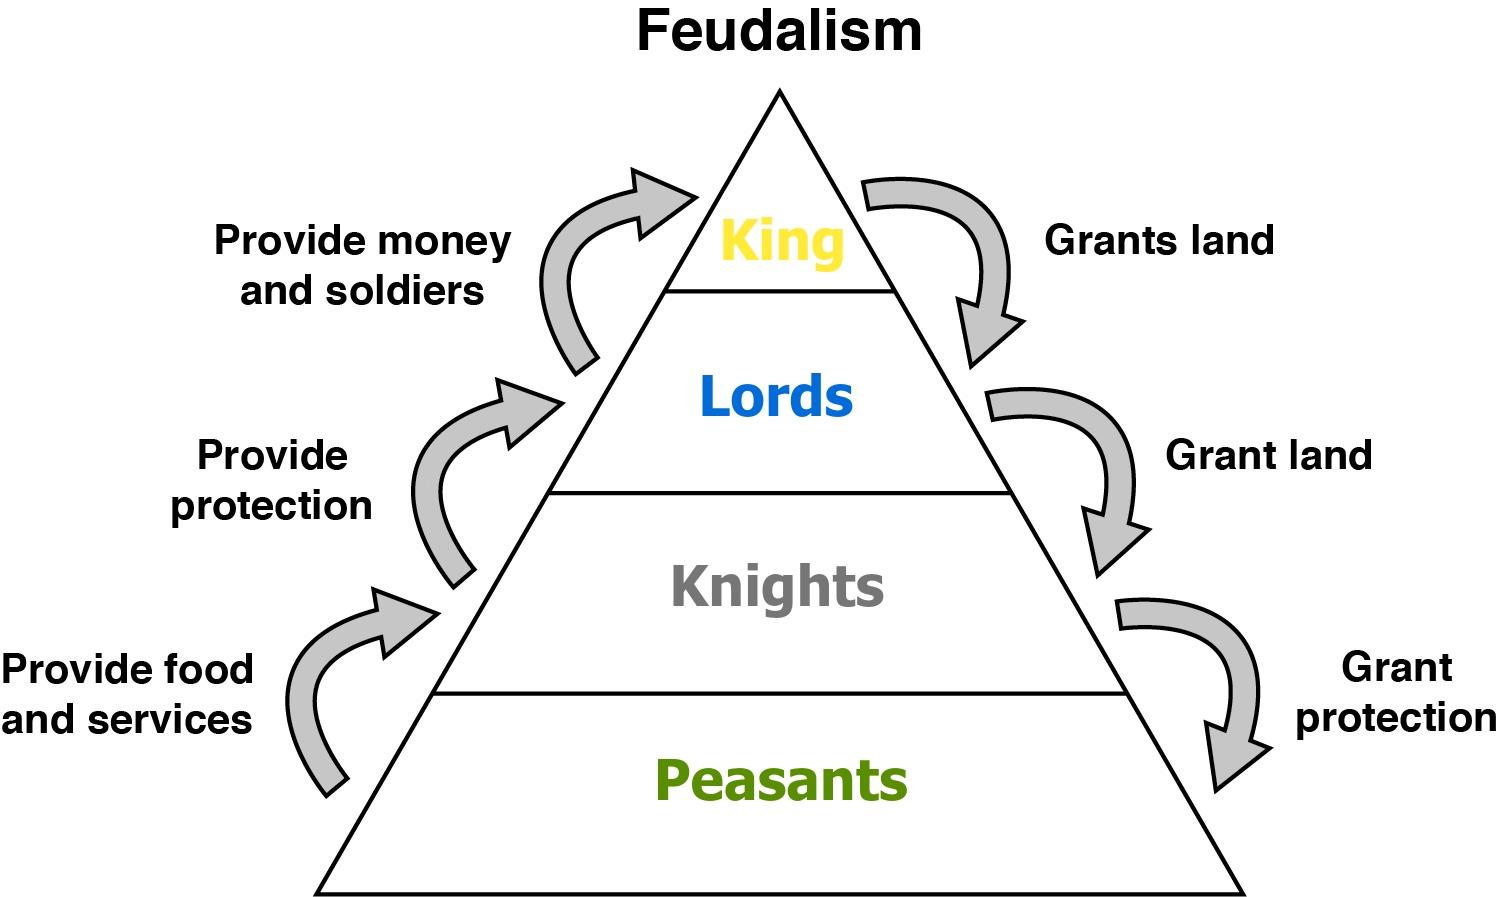 feudalism.jpg